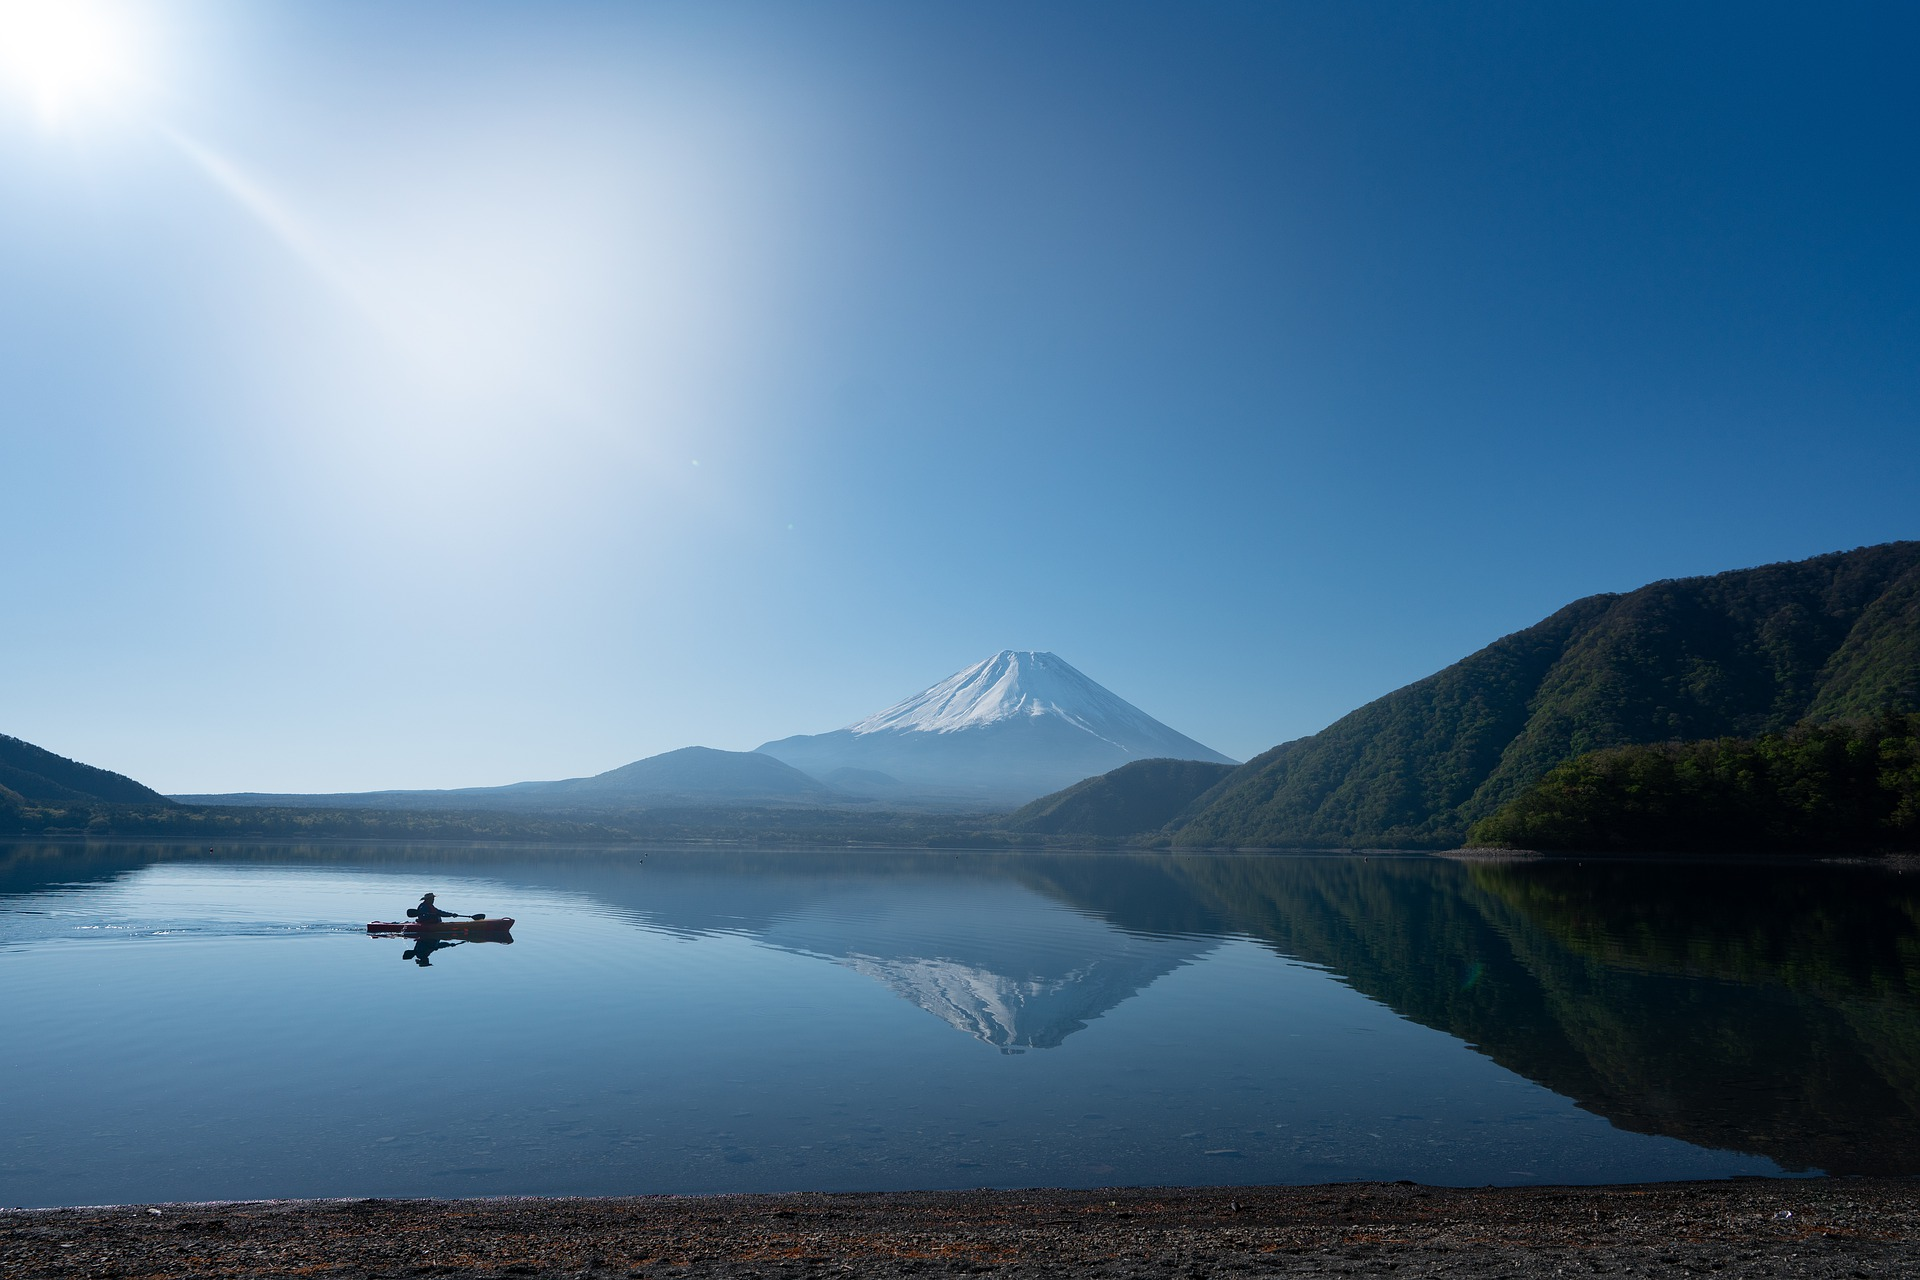 Lake Motosu, Yamanashi Prefecture